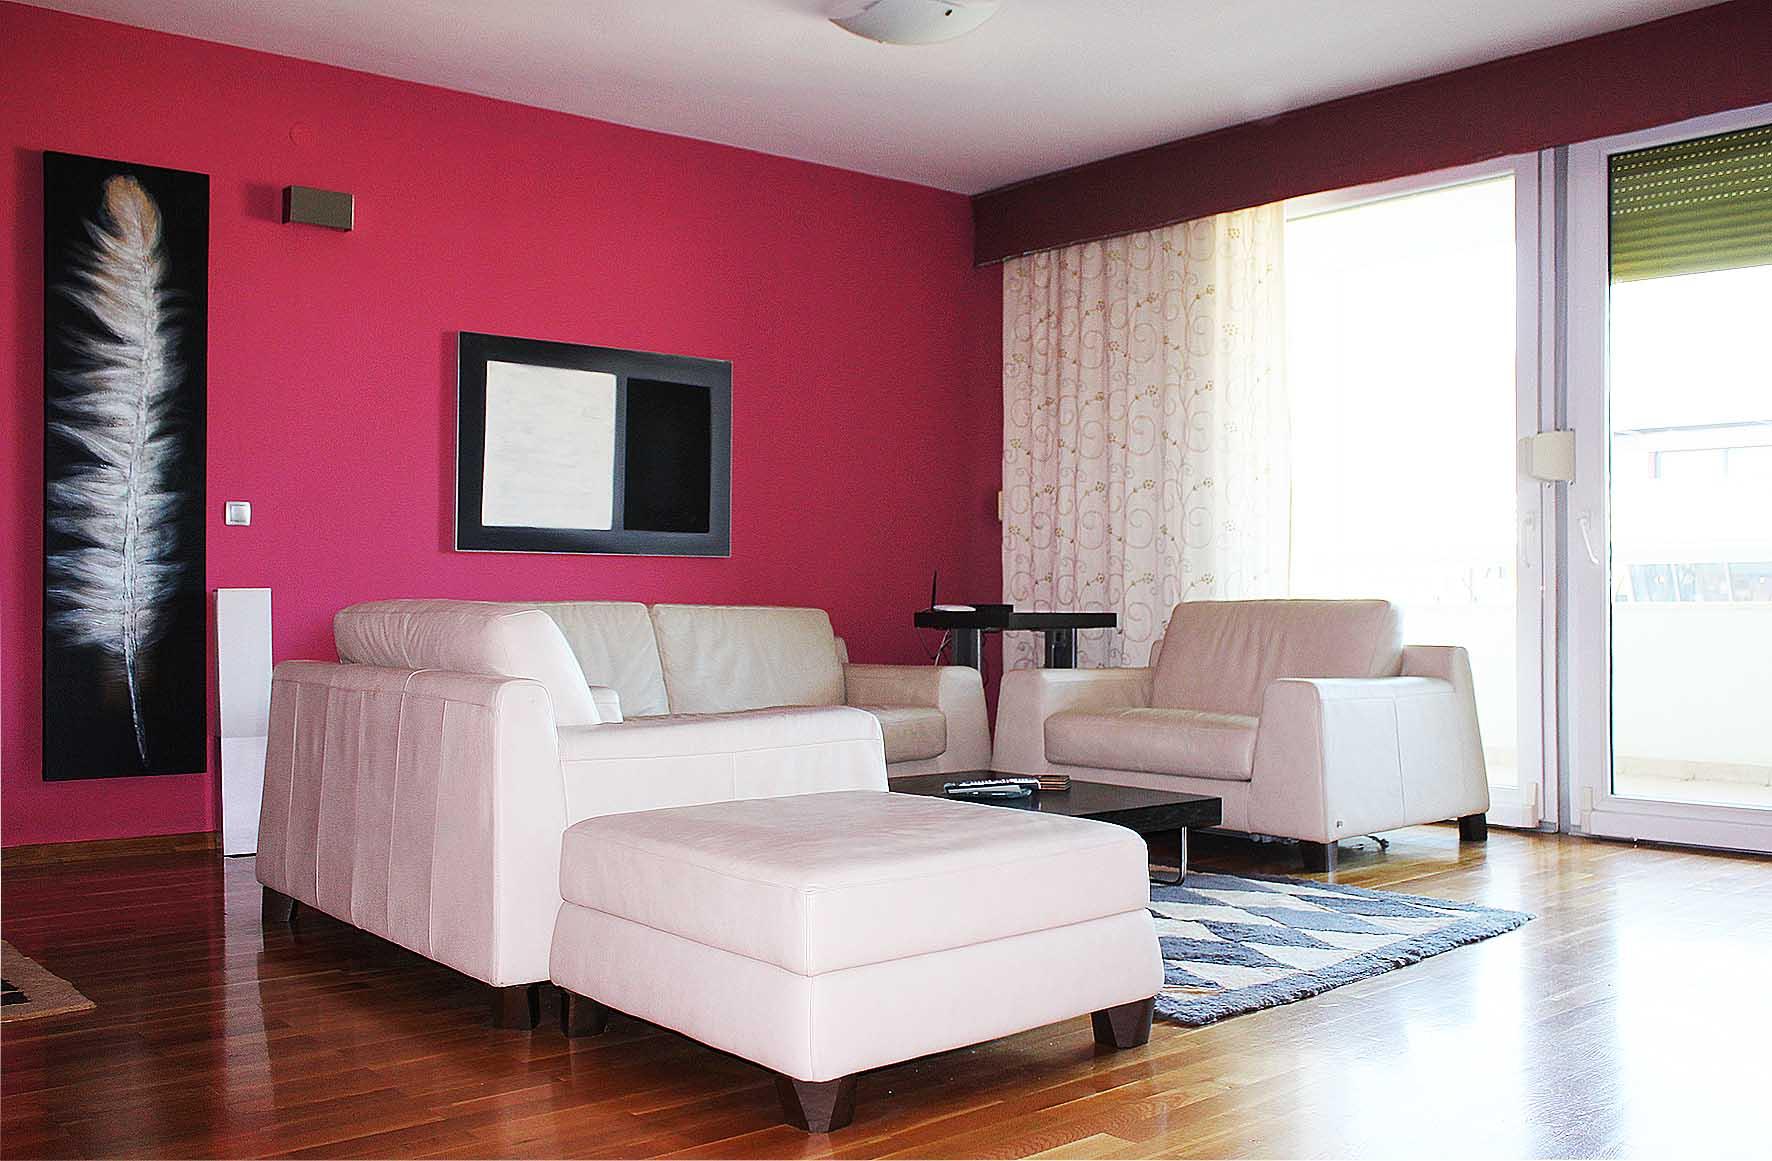 Dvosoban luksuzno namješten stan u TC Rondo